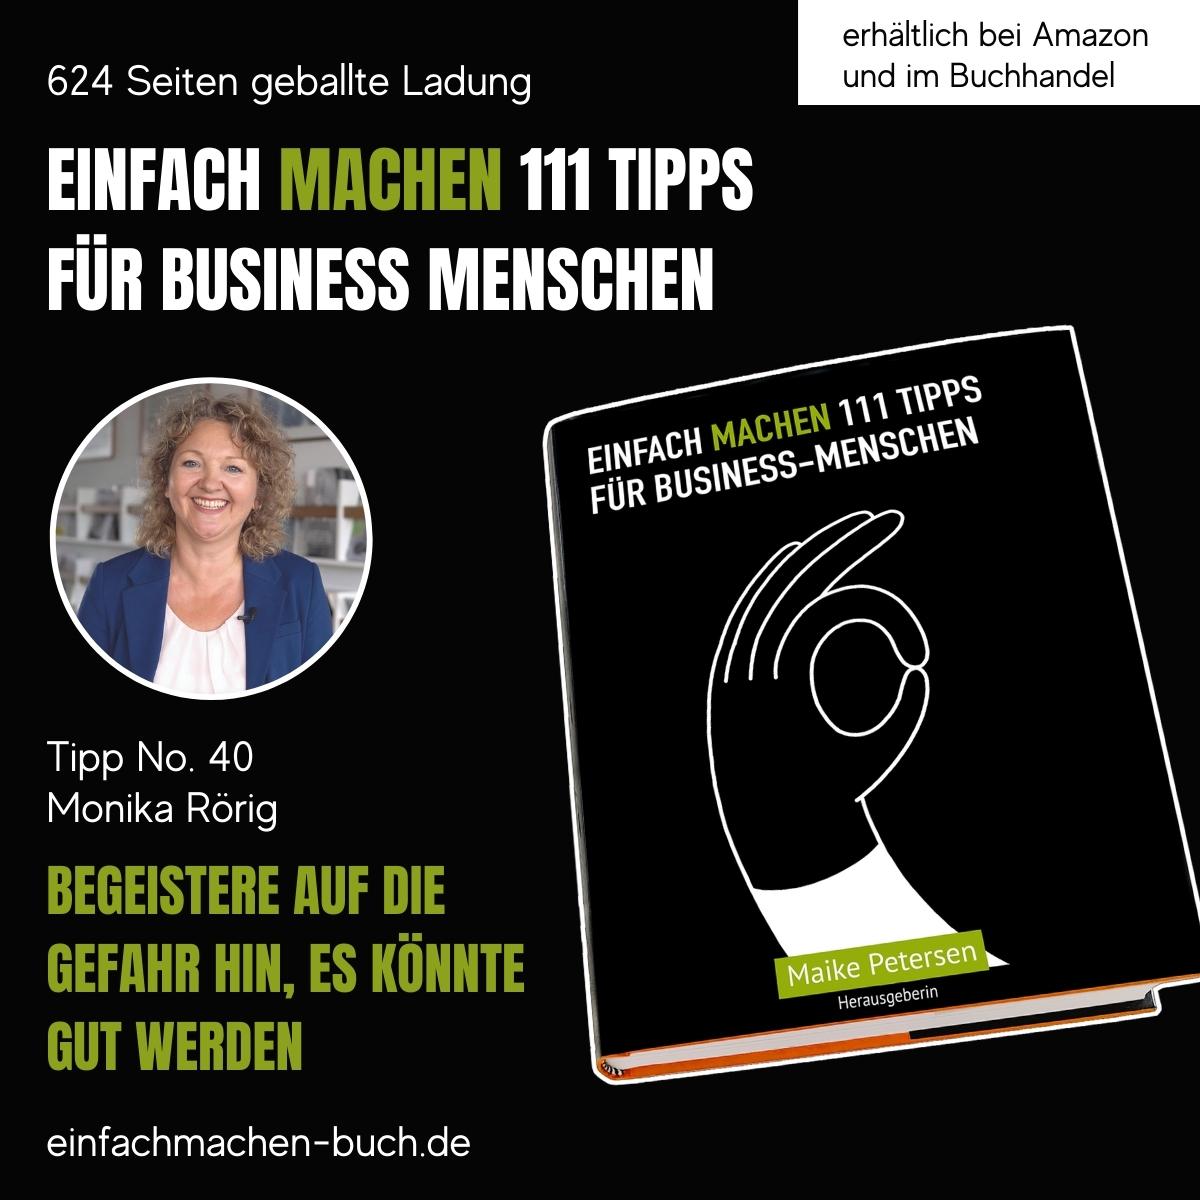 EINFACH MACHEN 111 TIPPS FÜR BUSINESS-MENSCHEN   Tipp No. 40 Monika Rörig